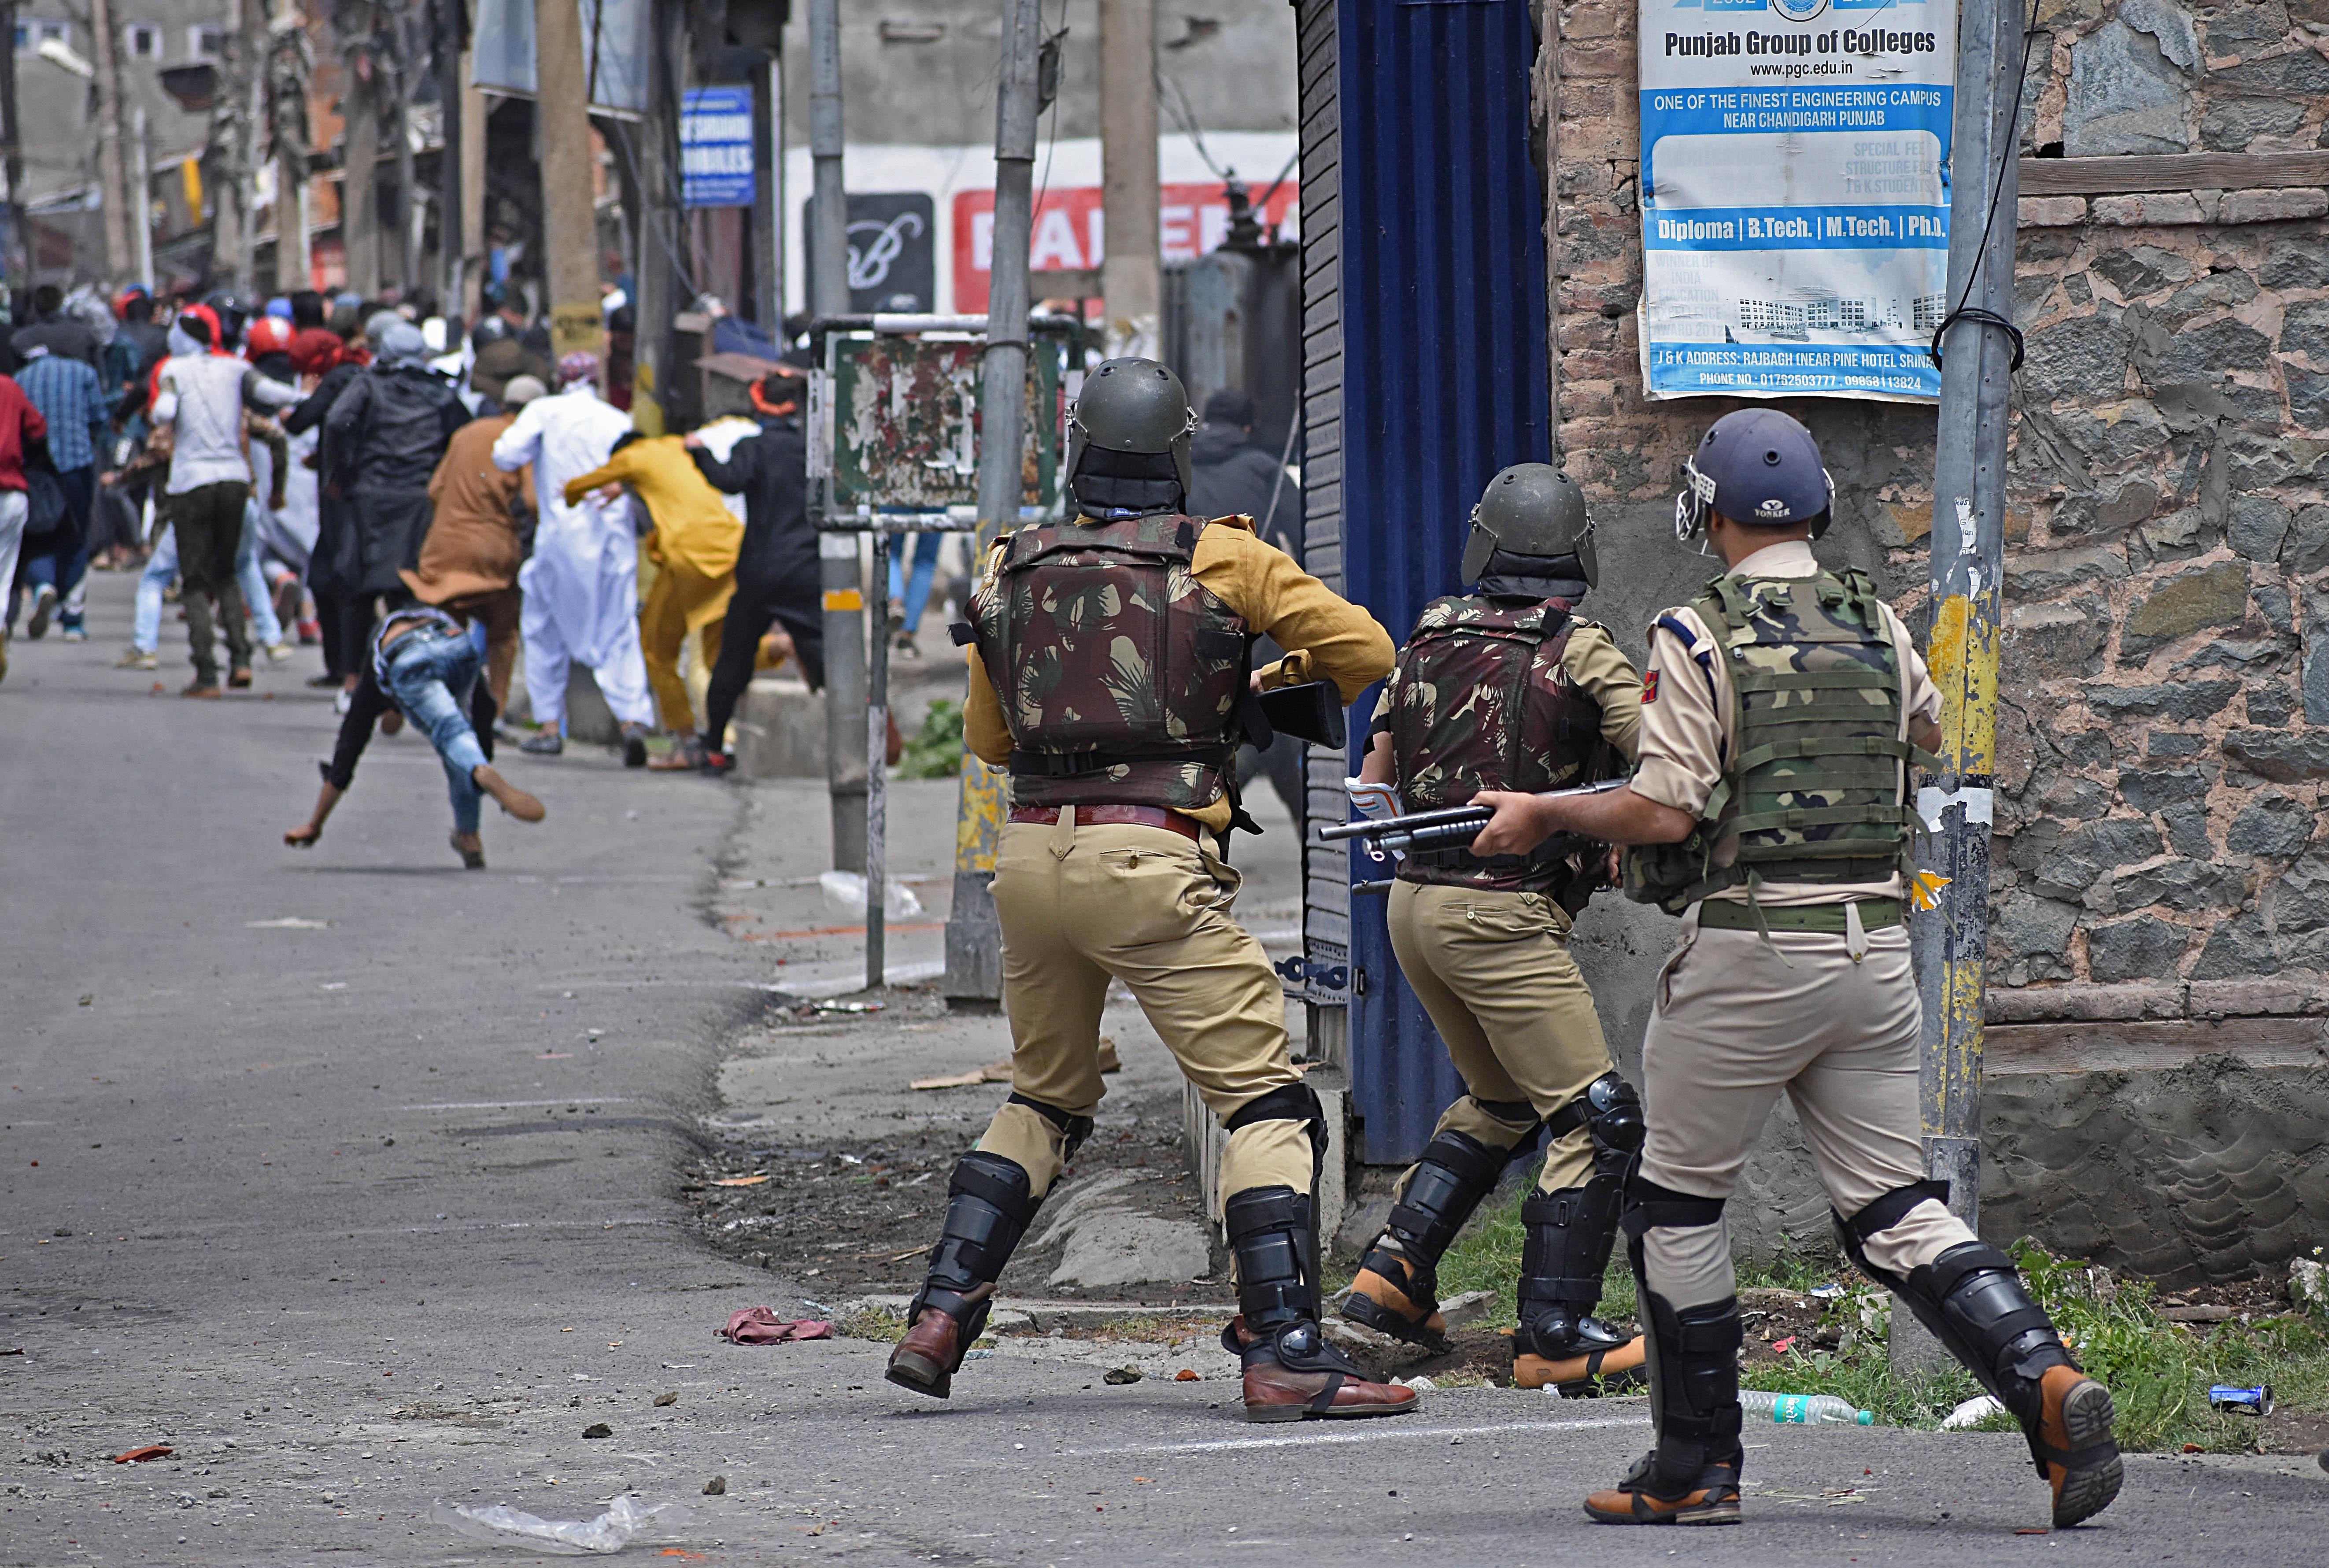 Jammu & Kashmir: One killed, hundreds injured in brutal clampdown by